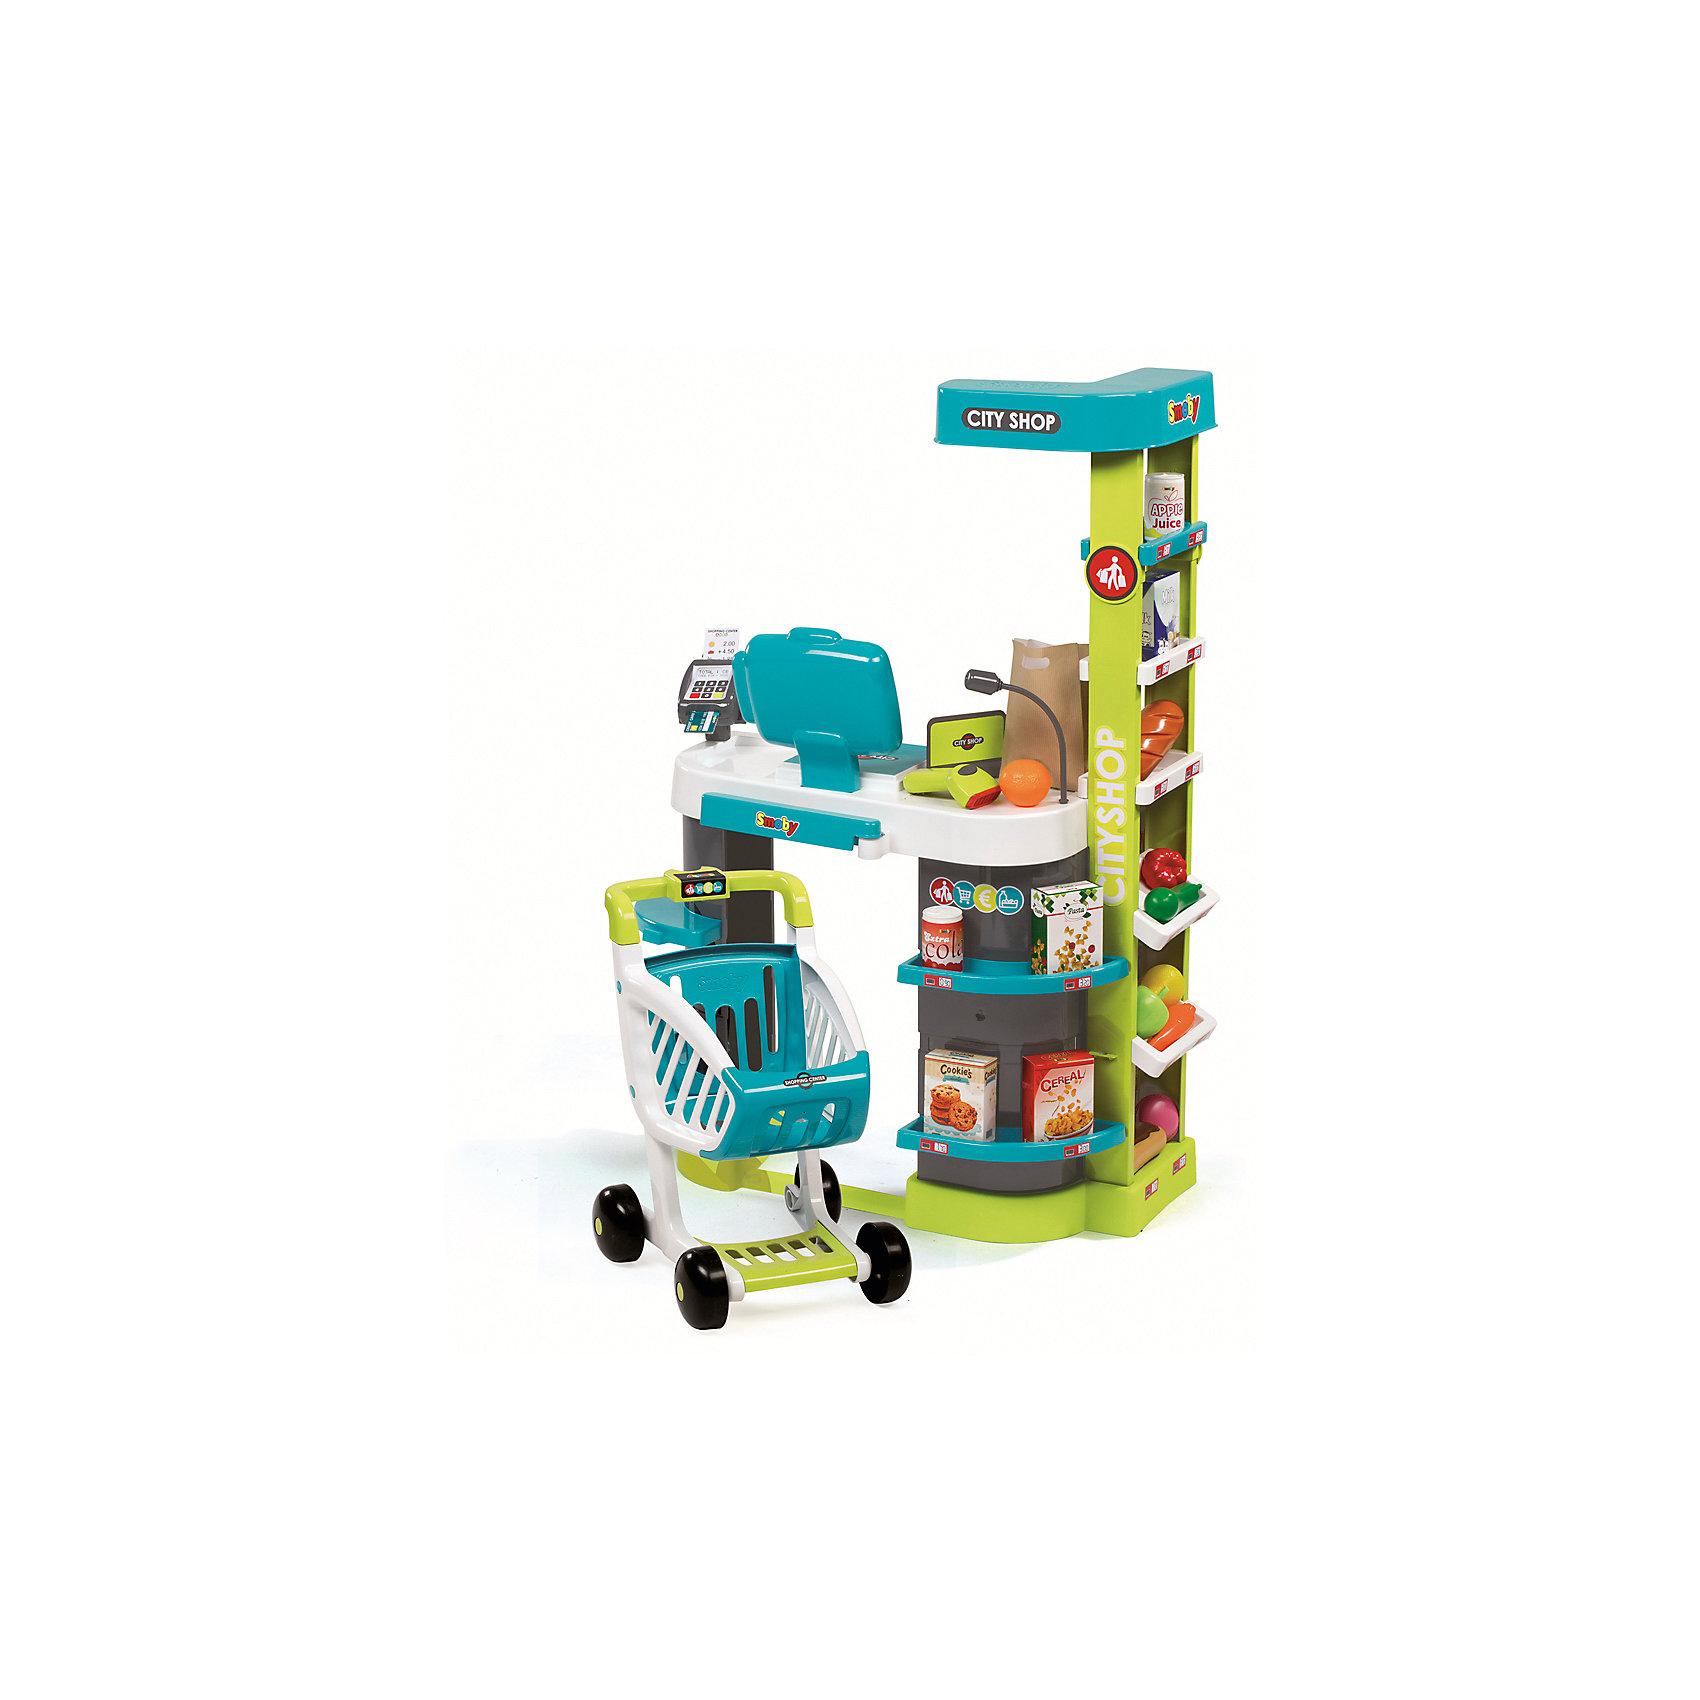 Супермаркет игровой City Shop, со светом и звуком, SmobyДетский супермаркет<br>Характеристики товара:<br><br>• возраст от 3 лет;<br>• материал: пластик;<br>• в комплекте: супермаркет, тележка, 4 коробочки, овощи и фрукты, эклер, батон, пирожное, 2 баночки, ключ, сканер, банковская карта, разделитель, 4 карточки, 6 монет, 12 купюр, бумажный пакет;<br>• работает от 2 батареек АА (в комплект не входят);<br>• размер магазина 59,5х32,4х86 см;<br>• размер упаковки 49,4х23,7х69,7 см;<br>• вес упаковки 4,01 кг;<br>• страна производитель: Франция.<br><br>Супермаркет игровой City Shop Smoby представляет собой настоящий магазин с тележкой, продуктами и кассовым аппаратом. Он познакомит девочку с устройством супермаркета и кассового аппарата, а также позволит ей придумать игры, представляя себя продавцом или покупателем. На полках расставлены продукты для продажи, за стойкой расположился кассовый аппарат с монетами, купюрами и терминалом для карт. В большую тележку можно сложить необходимые продукты. Игрушка оснащена сенсорным дисплеем, на котором отображается сумма покупки, и звуковыми эффектами. Во время игры слышны звуки сканера, который считывает штрих-код. <br><br>Супермаркет игровой City Shop Smoby можно приобрести в нашем интернет-магазине.<br><br>Ширина мм: 494<br>Глубина мм: 237<br>Высота мм: 697<br>Вес г: 4010<br>Возраст от месяцев: 36<br>Возраст до месяцев: 96<br>Пол: Унисекс<br>Возраст: Детский<br>SKU: 5613492